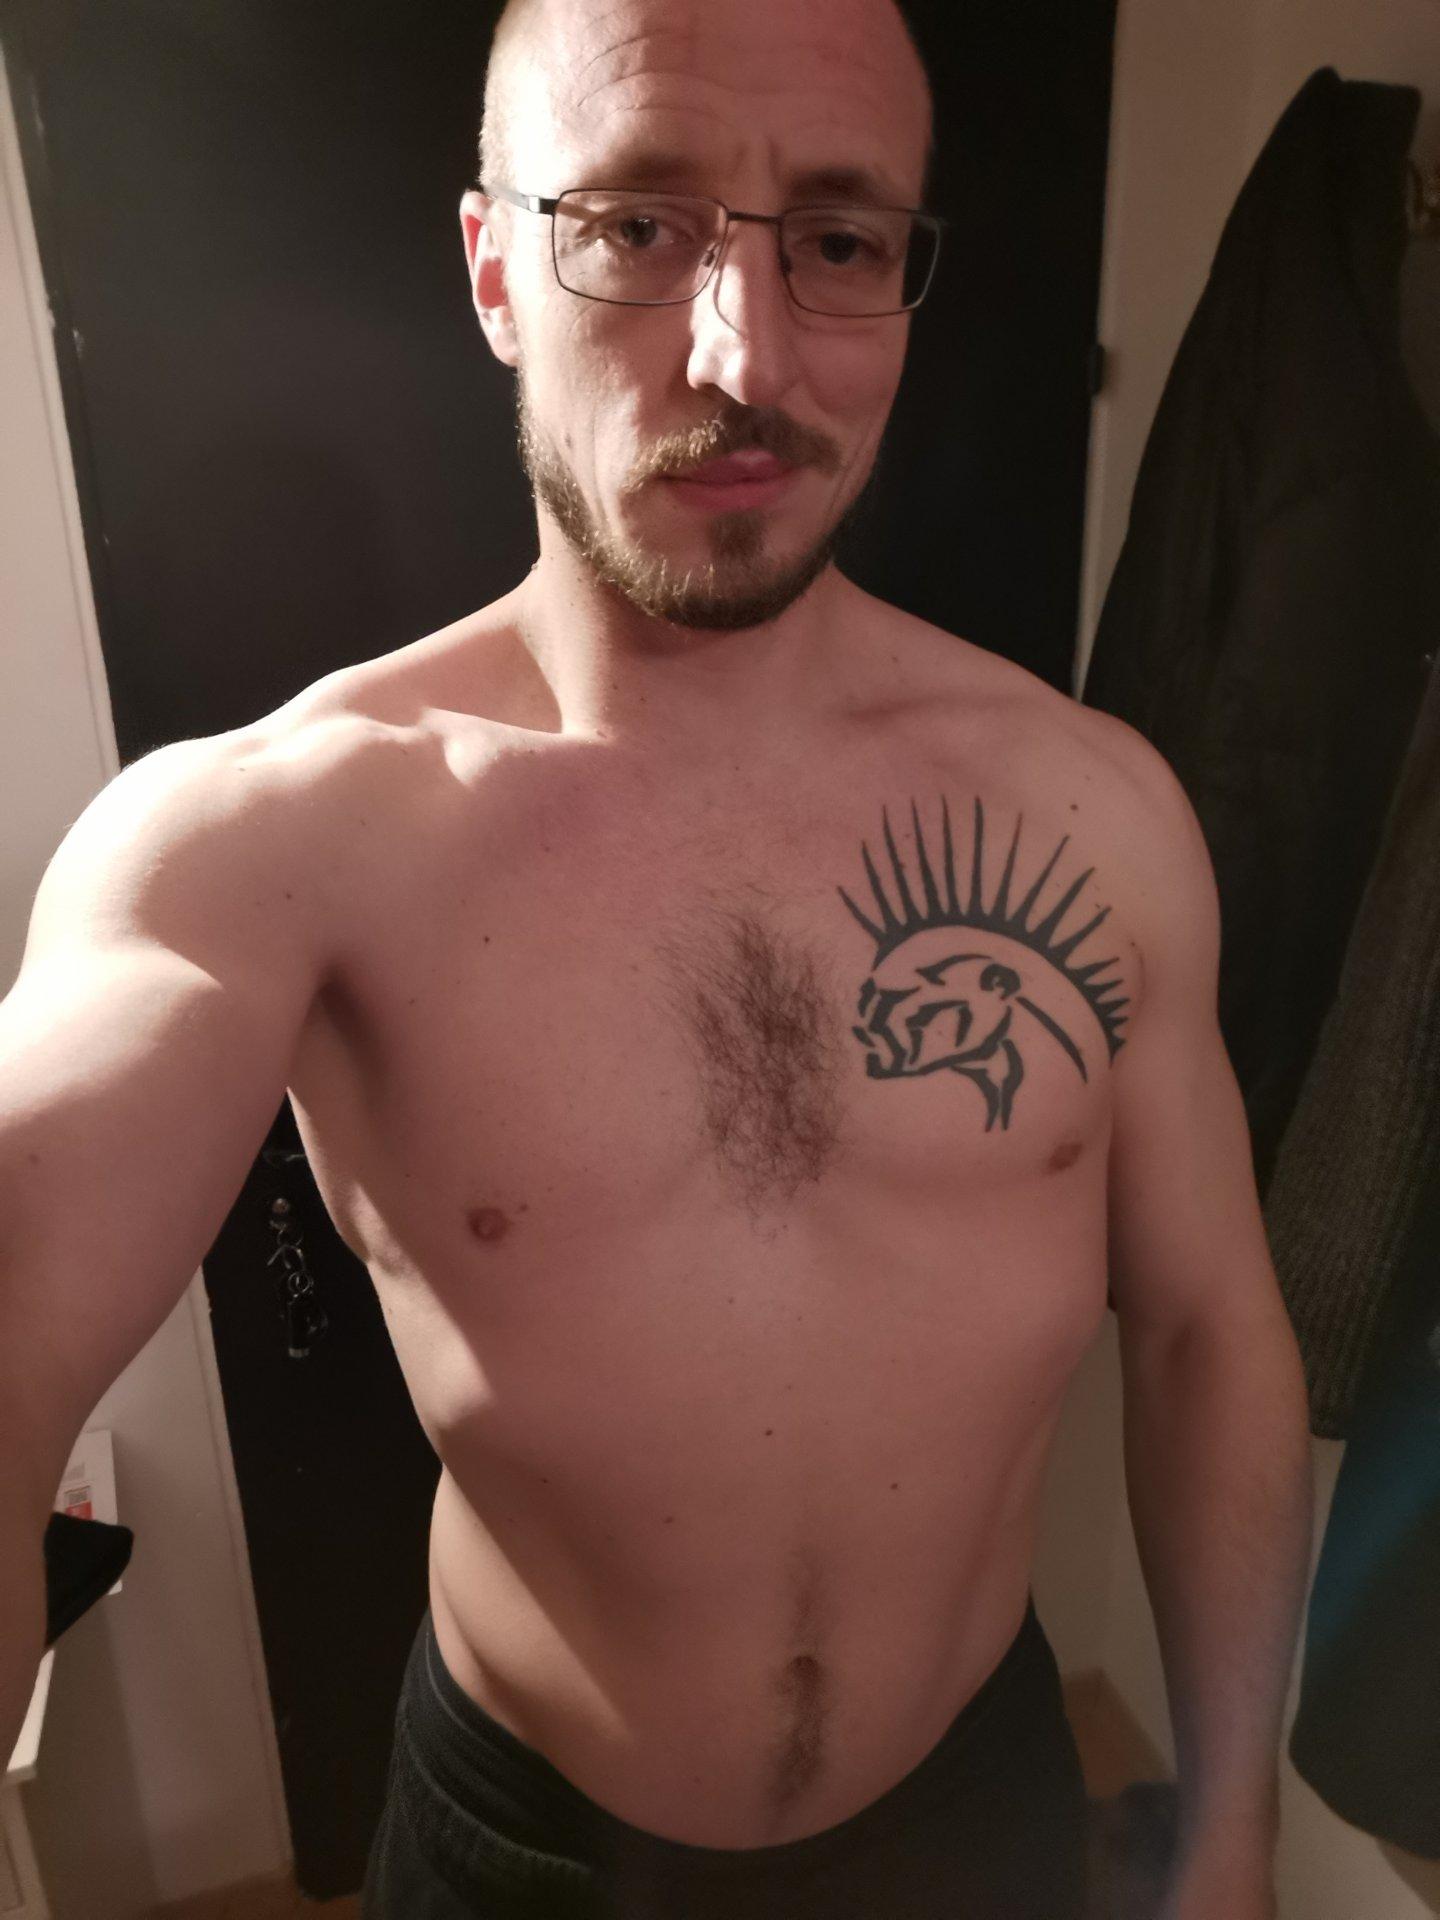 Sethos aus Bayern,Deutschland